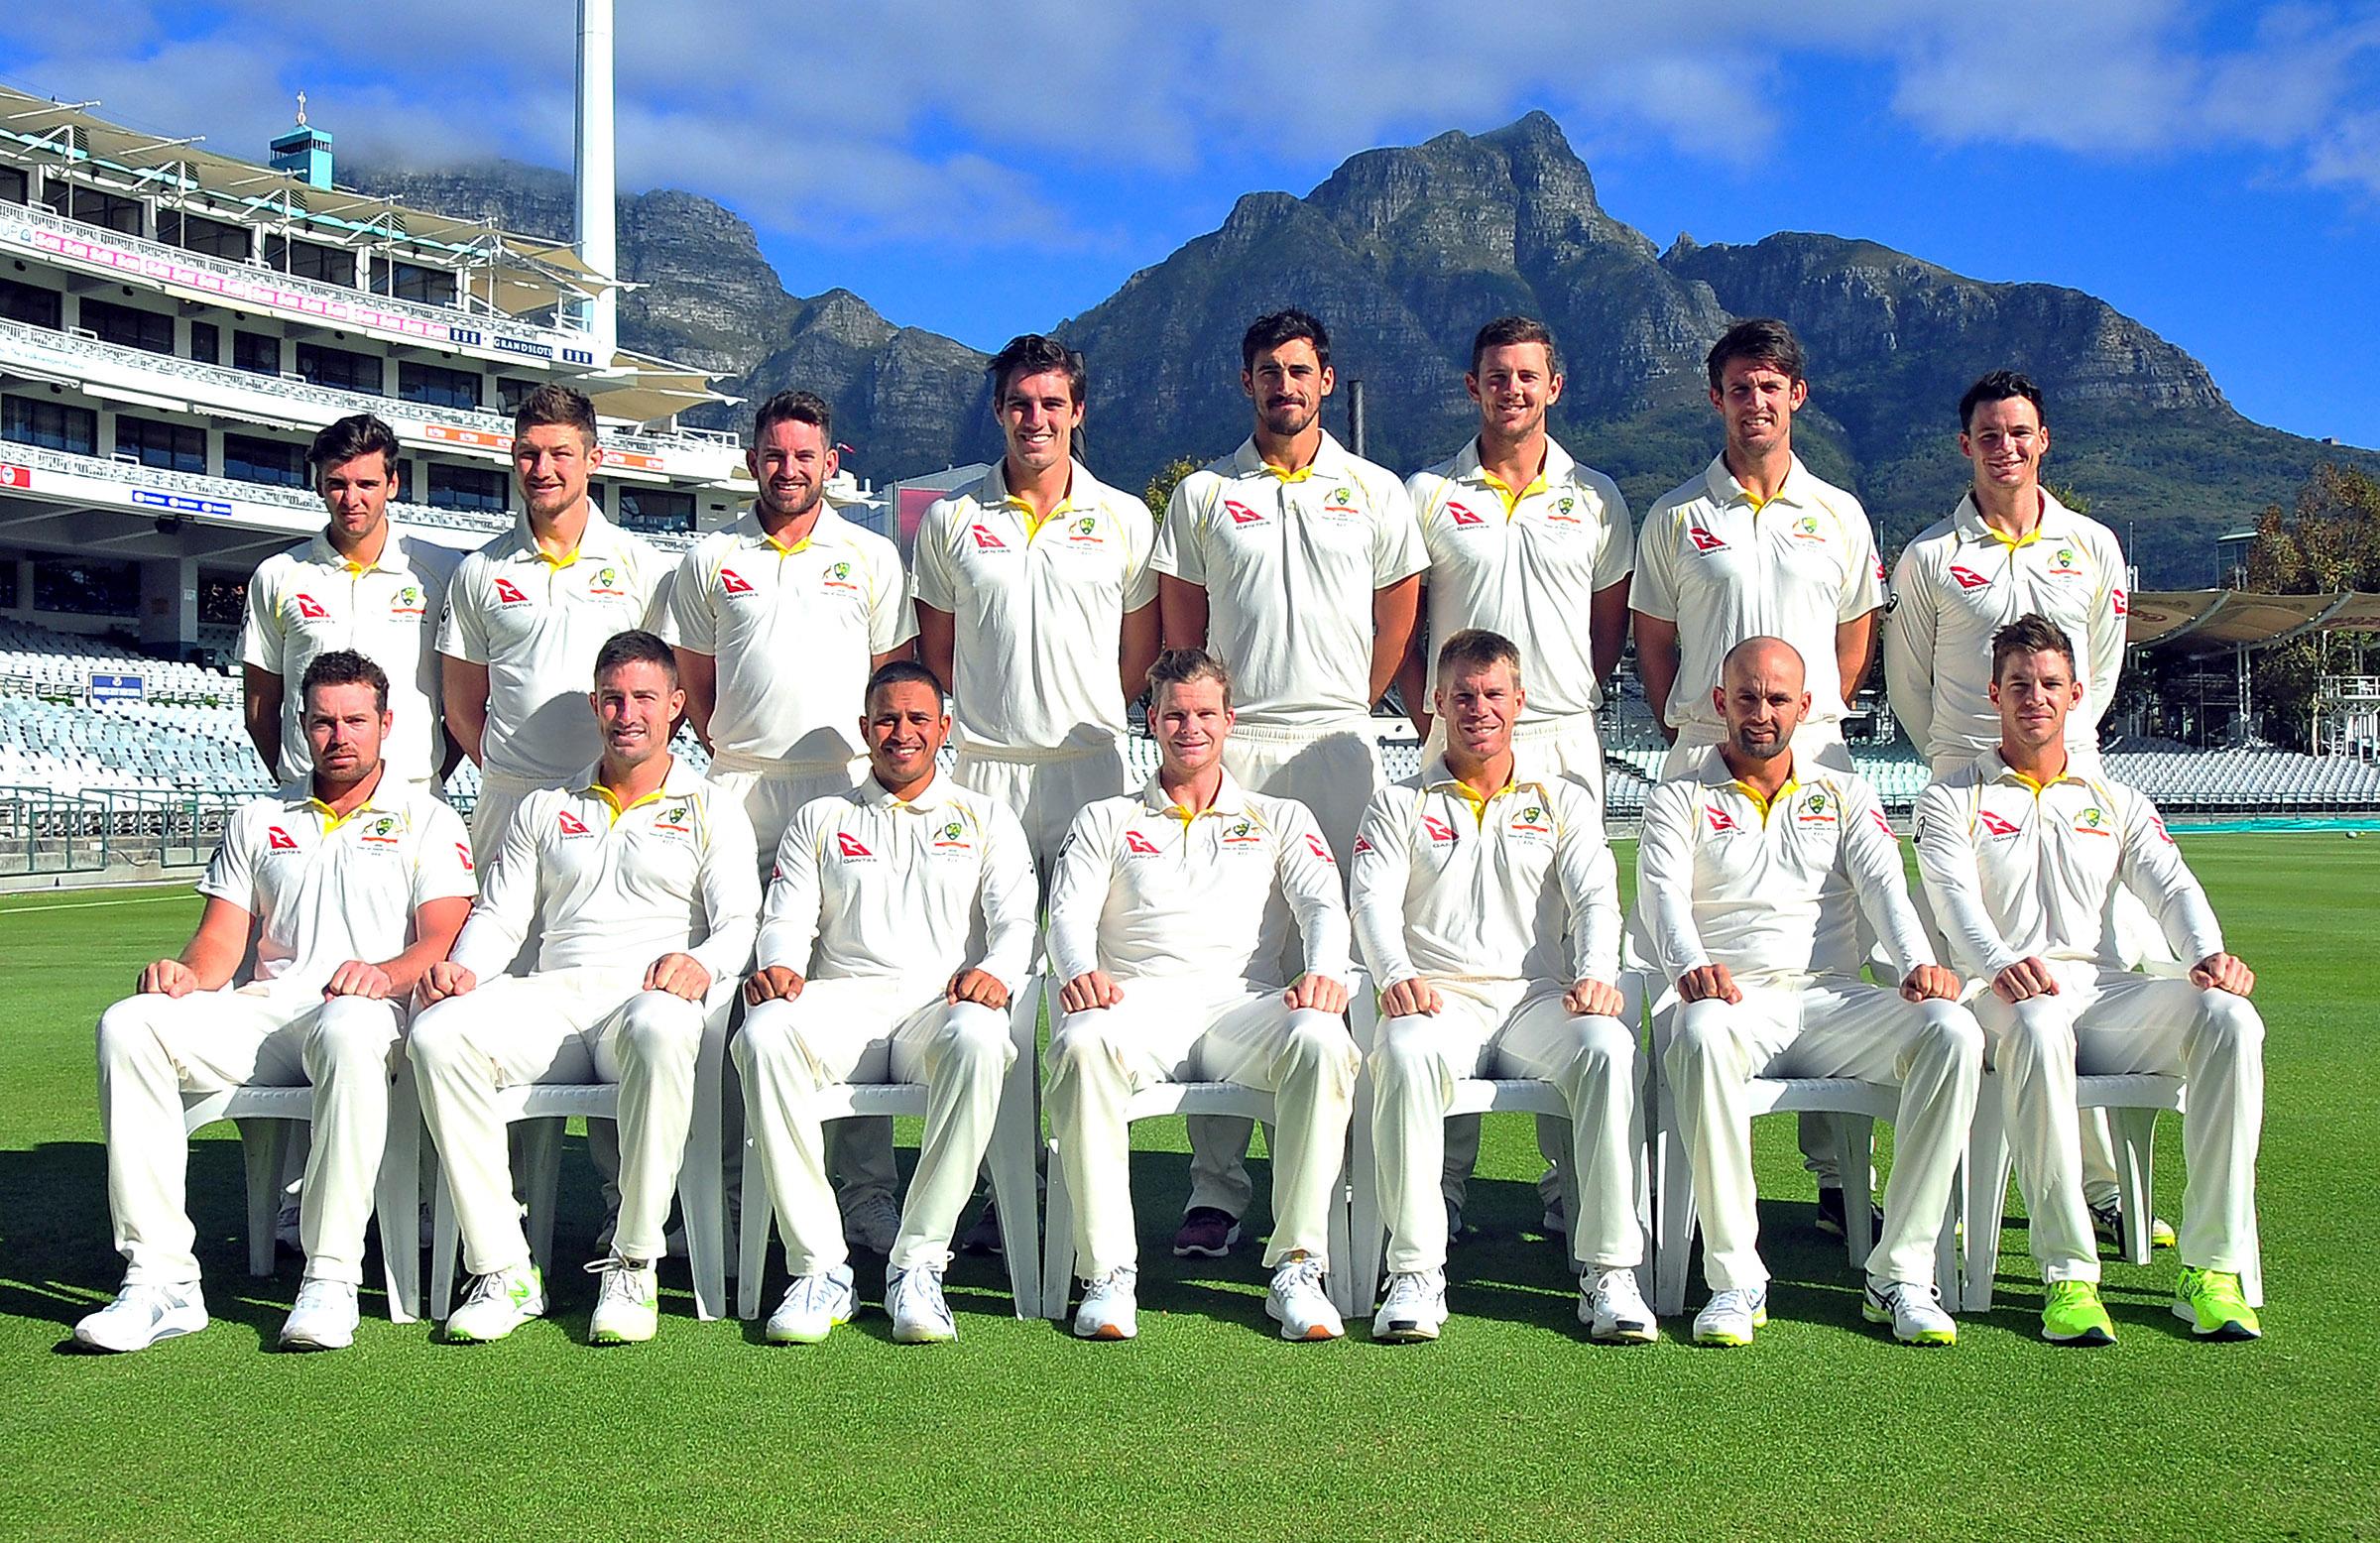 nouvelle collection meilleur prix dégagement Australia name XI for Cape Town Test   cricket.com.au